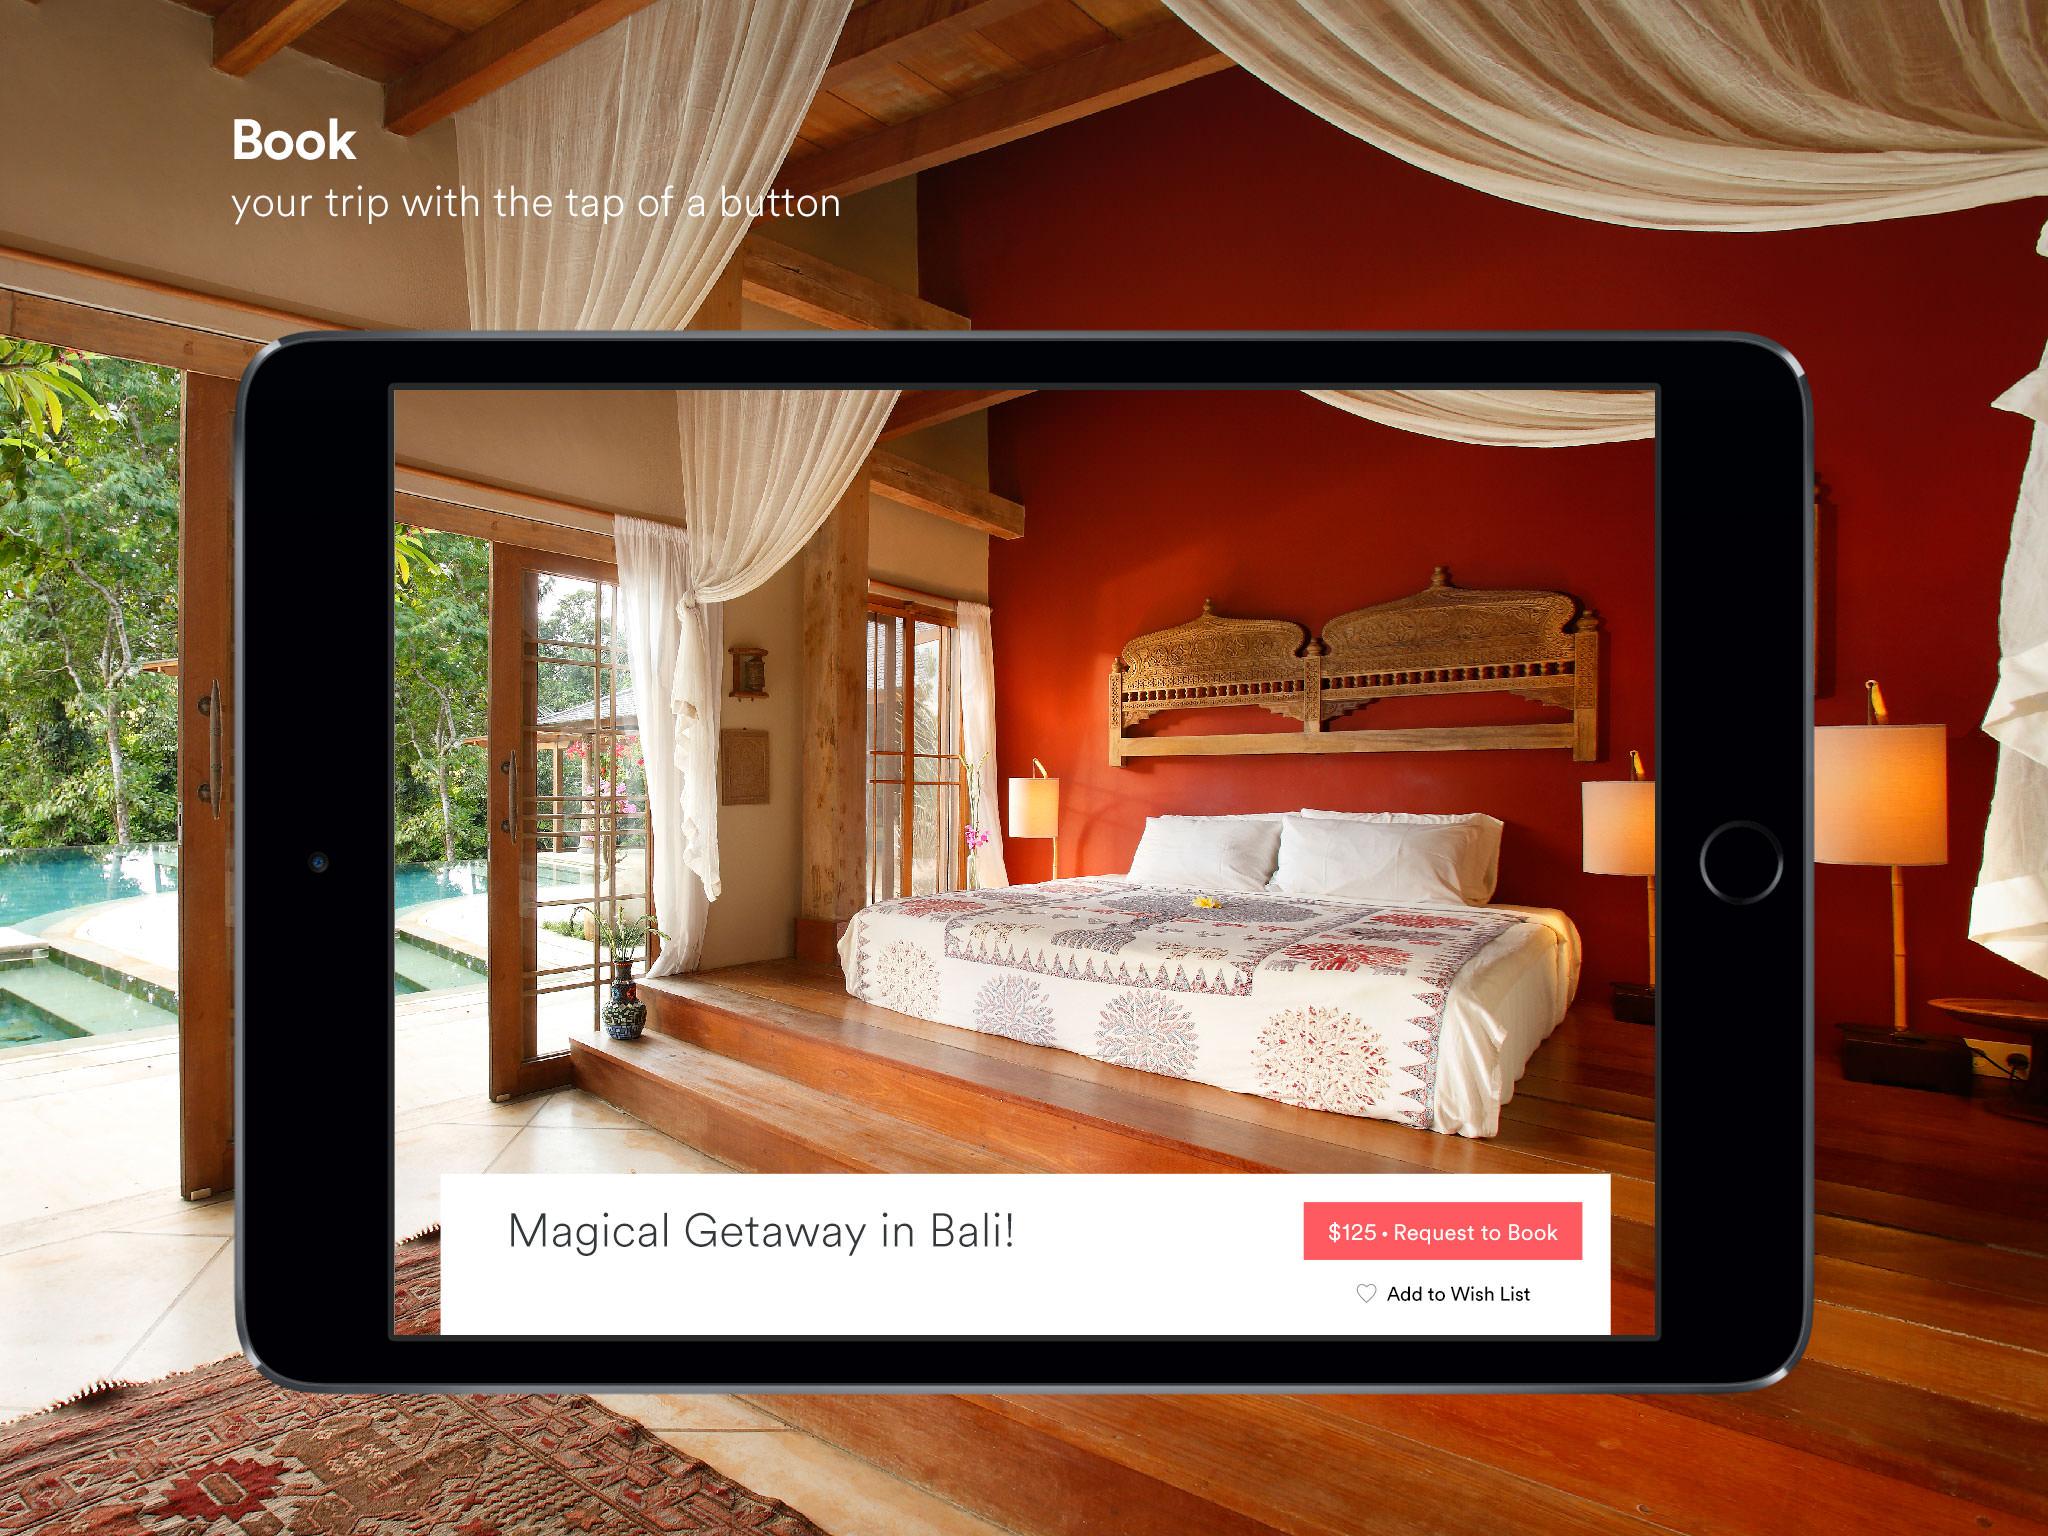 Que Ofrecen Los Anuncios Airbnb Ipad